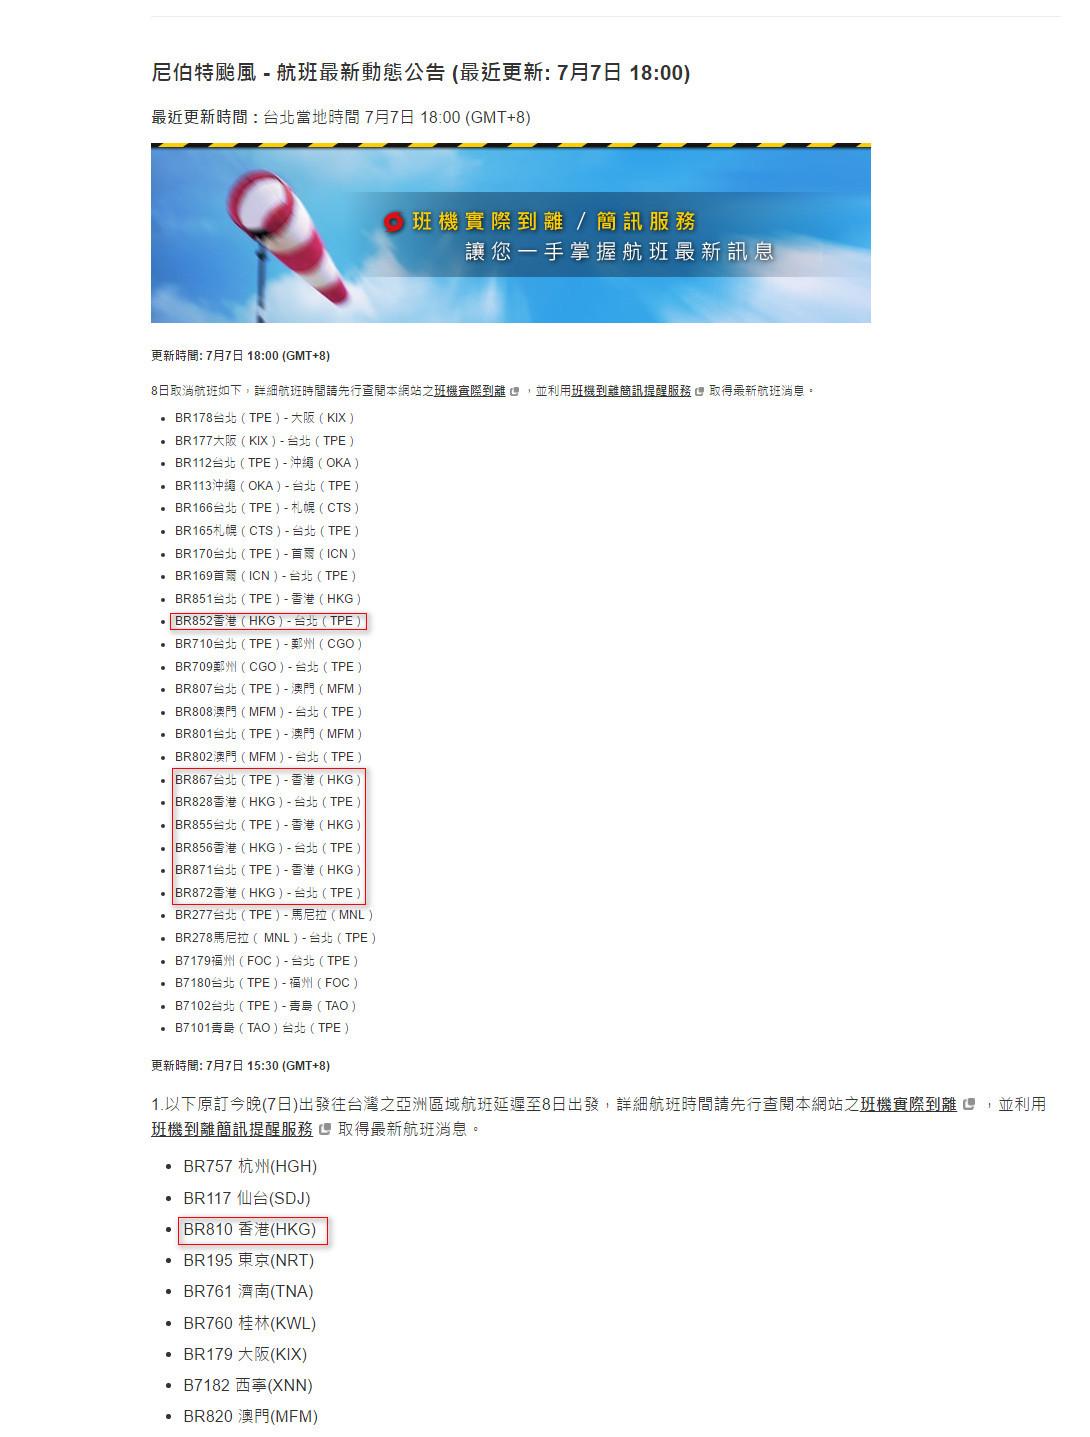 長榮航空1班今晚升台灣航班延遲出發,8日有7班航班取消。(長榮航空網頁截圖)